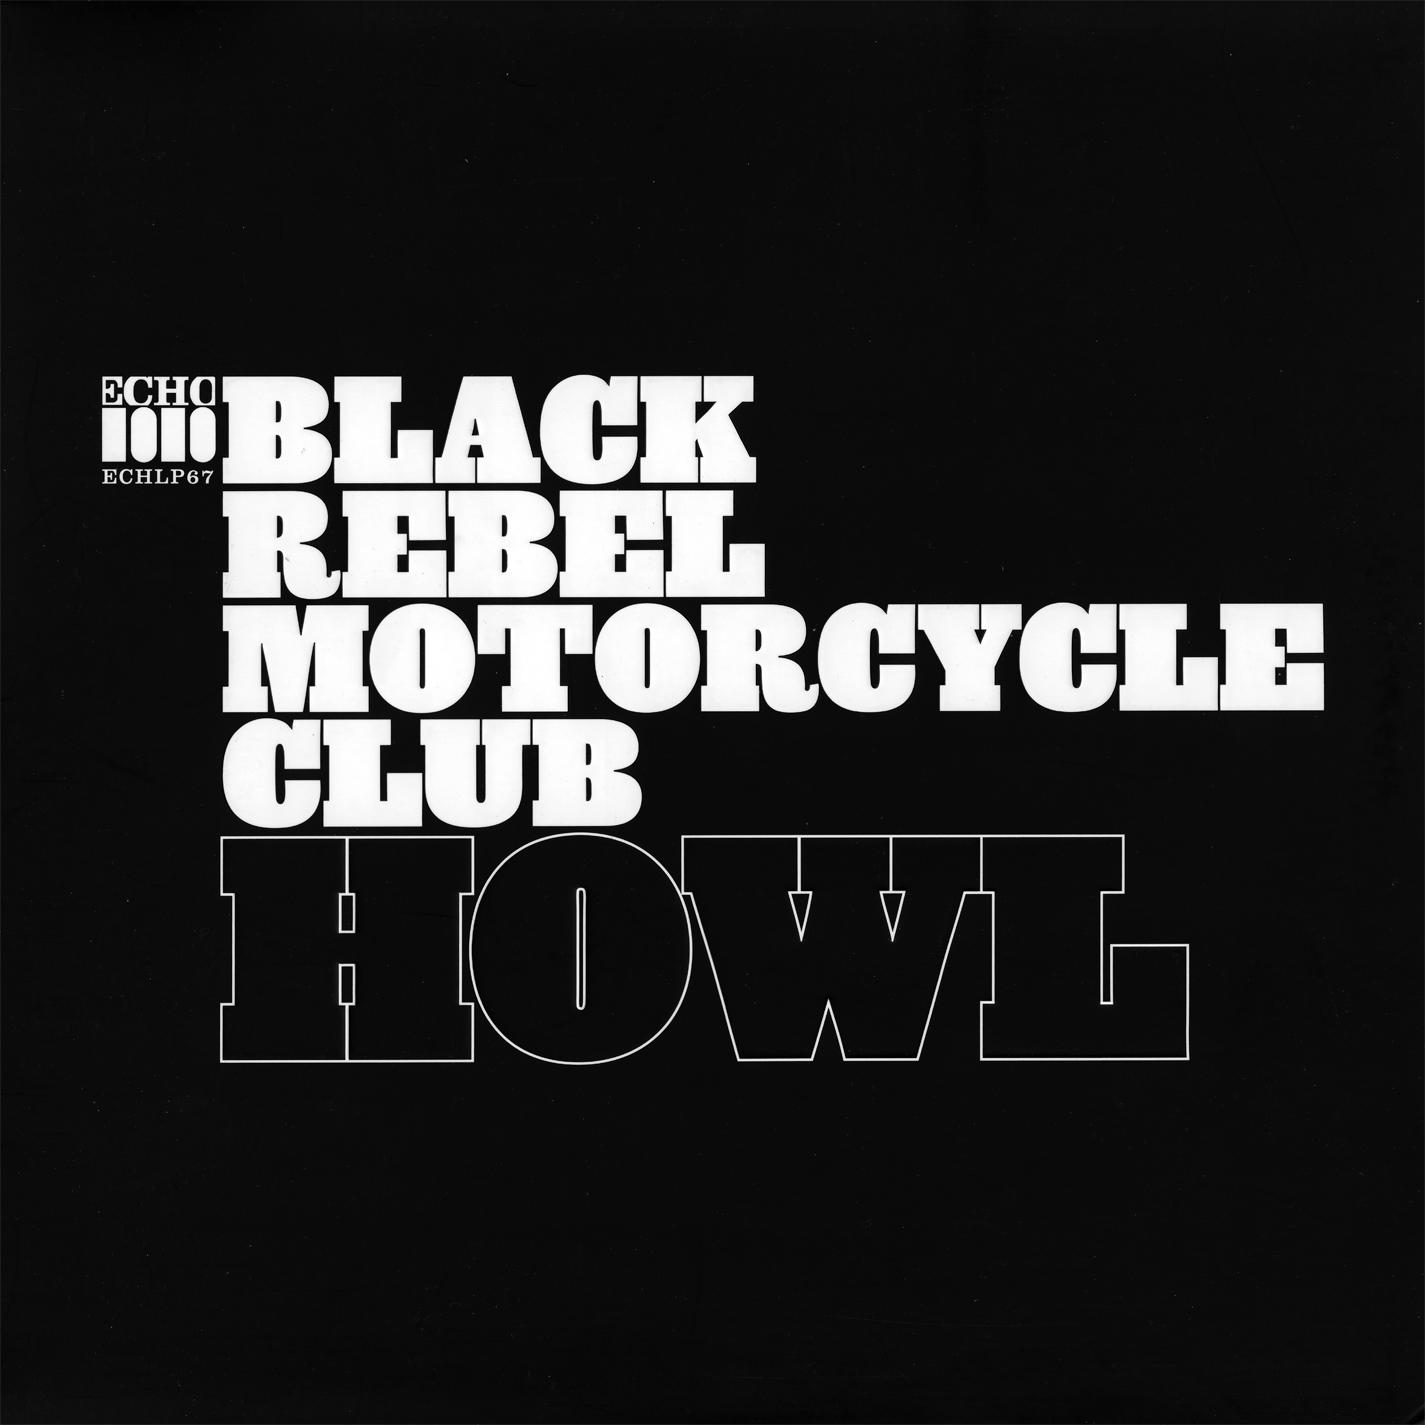 Black Rebel Motorcycle Club, Howl